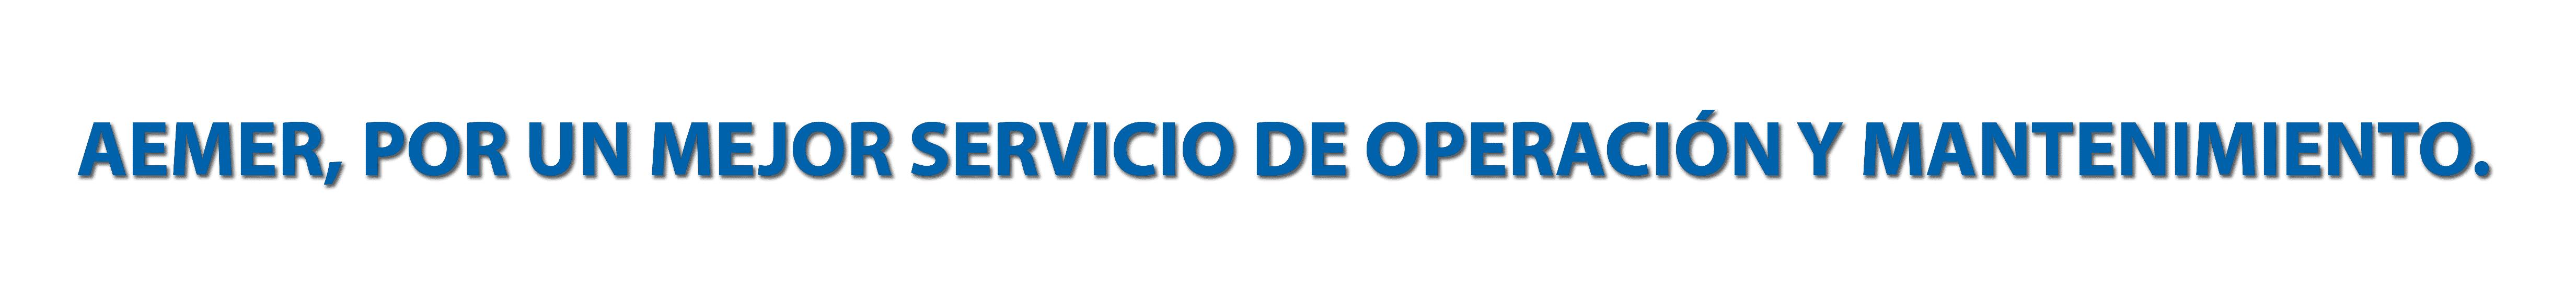 AEMER, POR UN MEJOR SERVICIO DE OPERACIÓN Y MANTENIMIENTO.